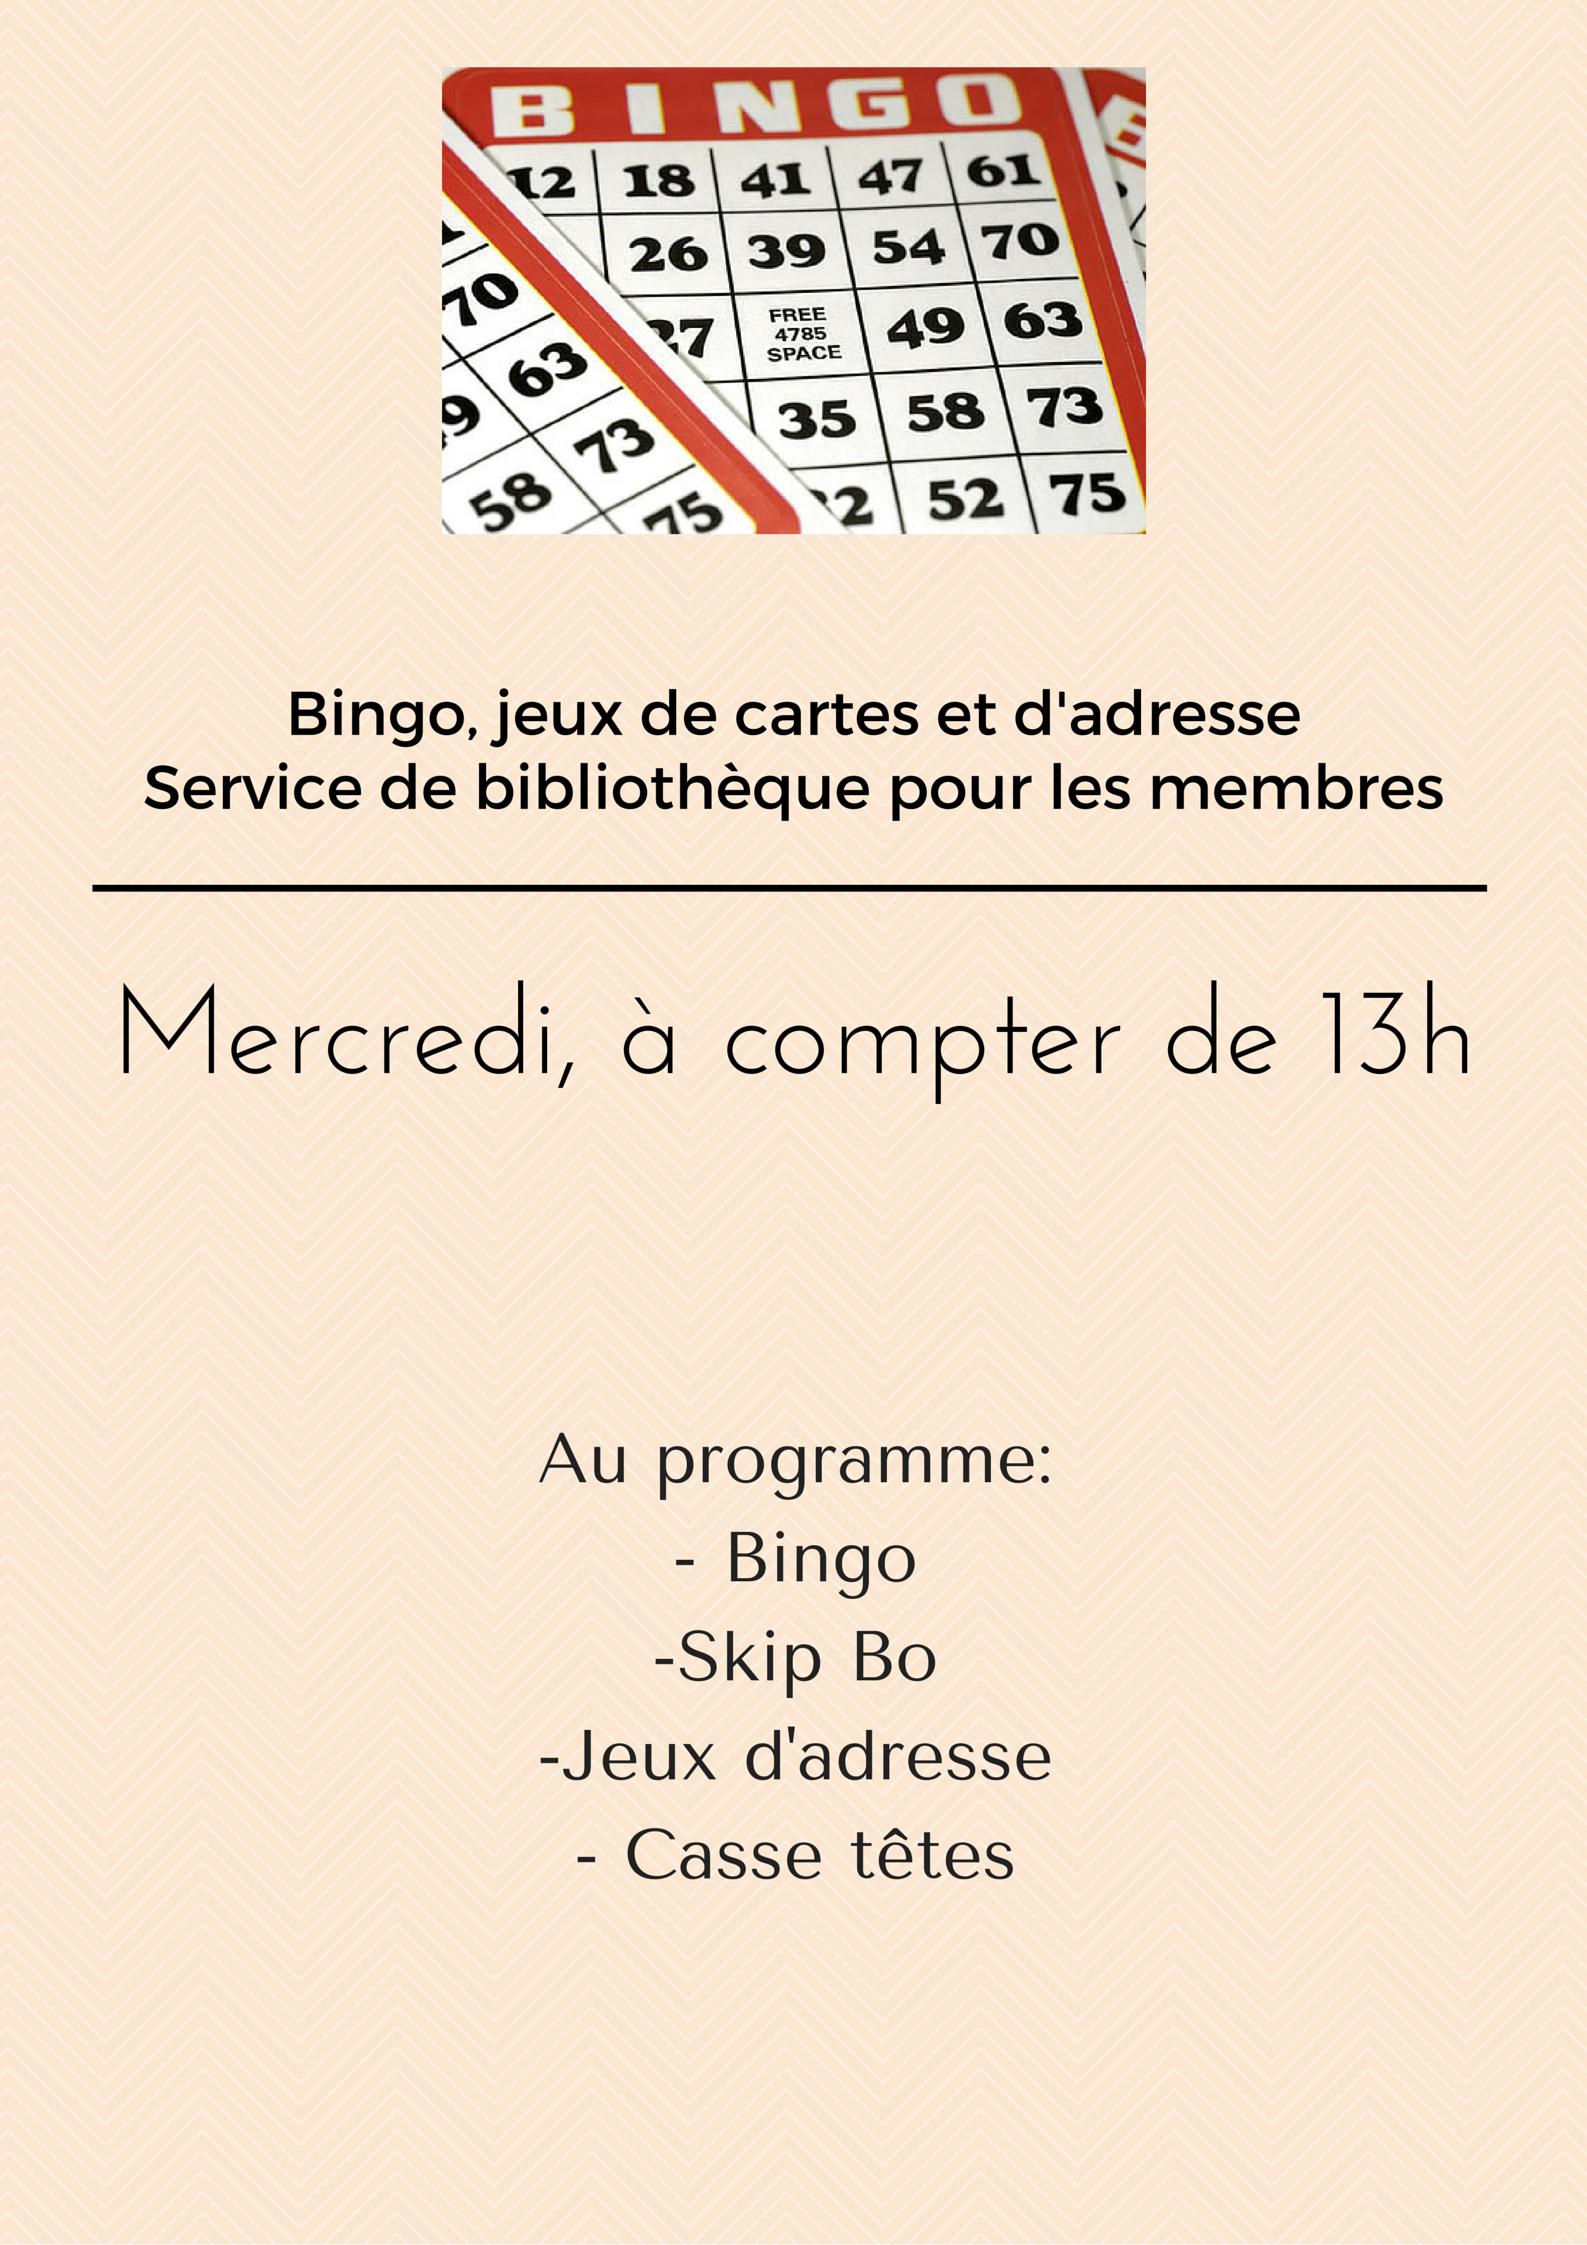 Bingo, jeux de cartes et d'adresseService de bibliothèque pour les membres